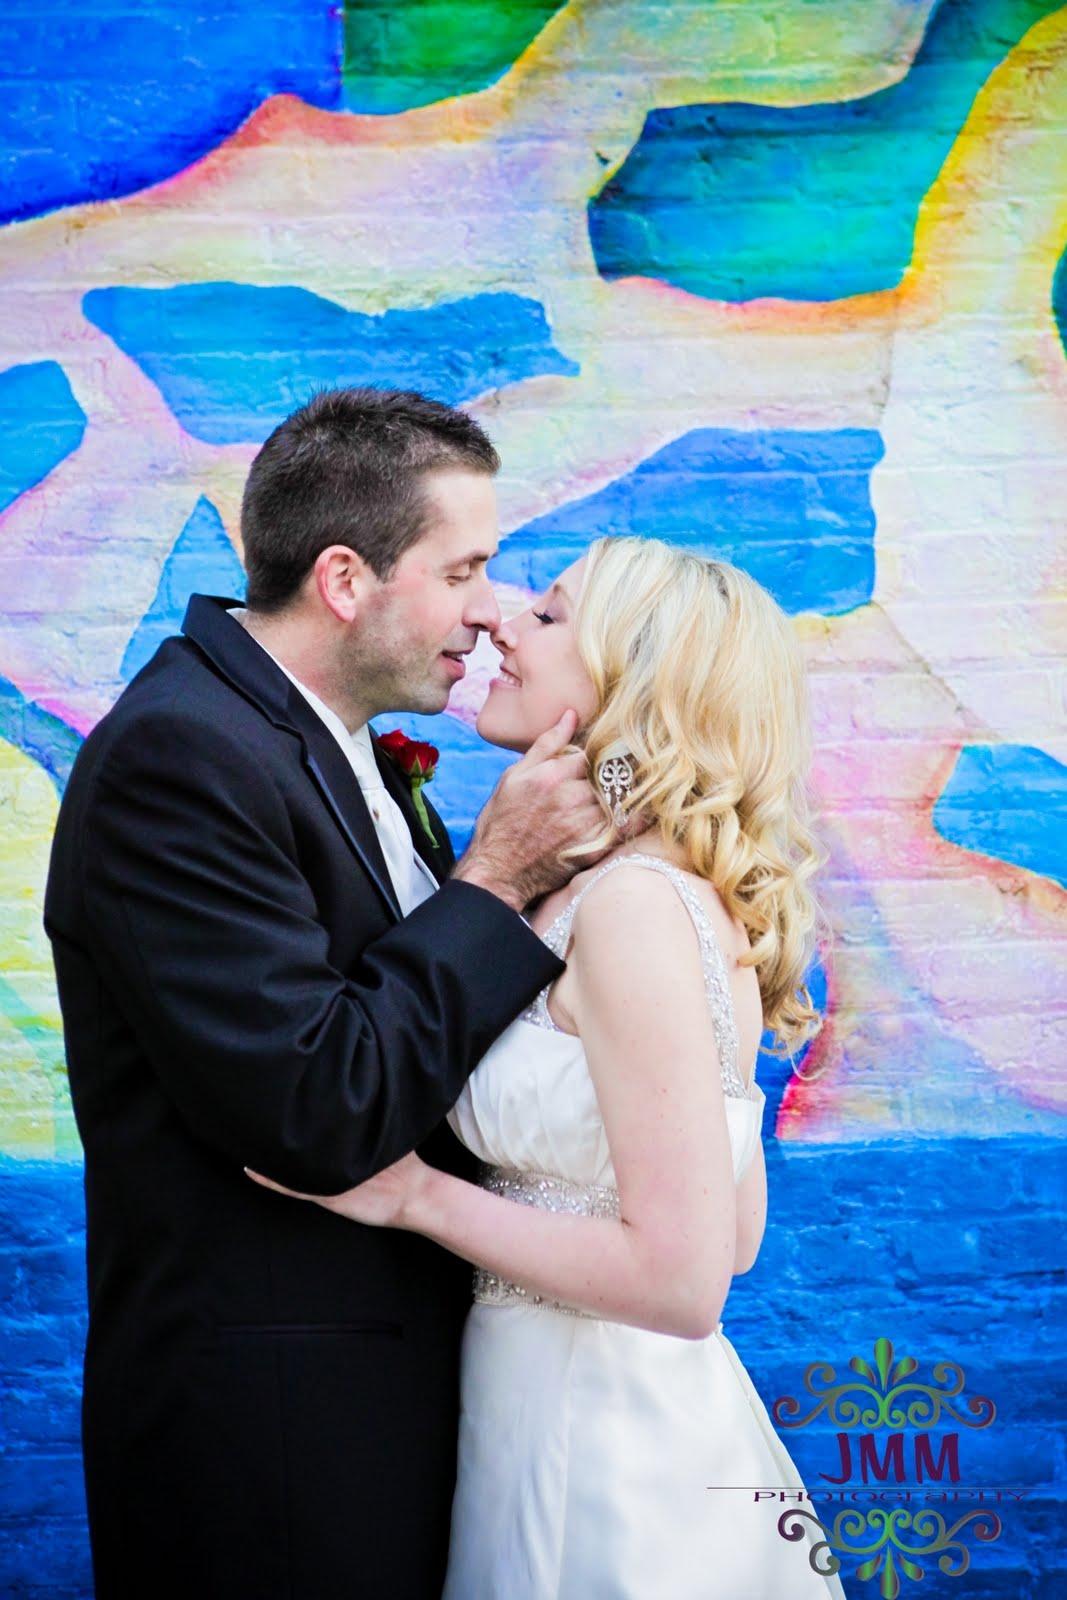 cincinnati_wedding_makeupGINA4.jpg